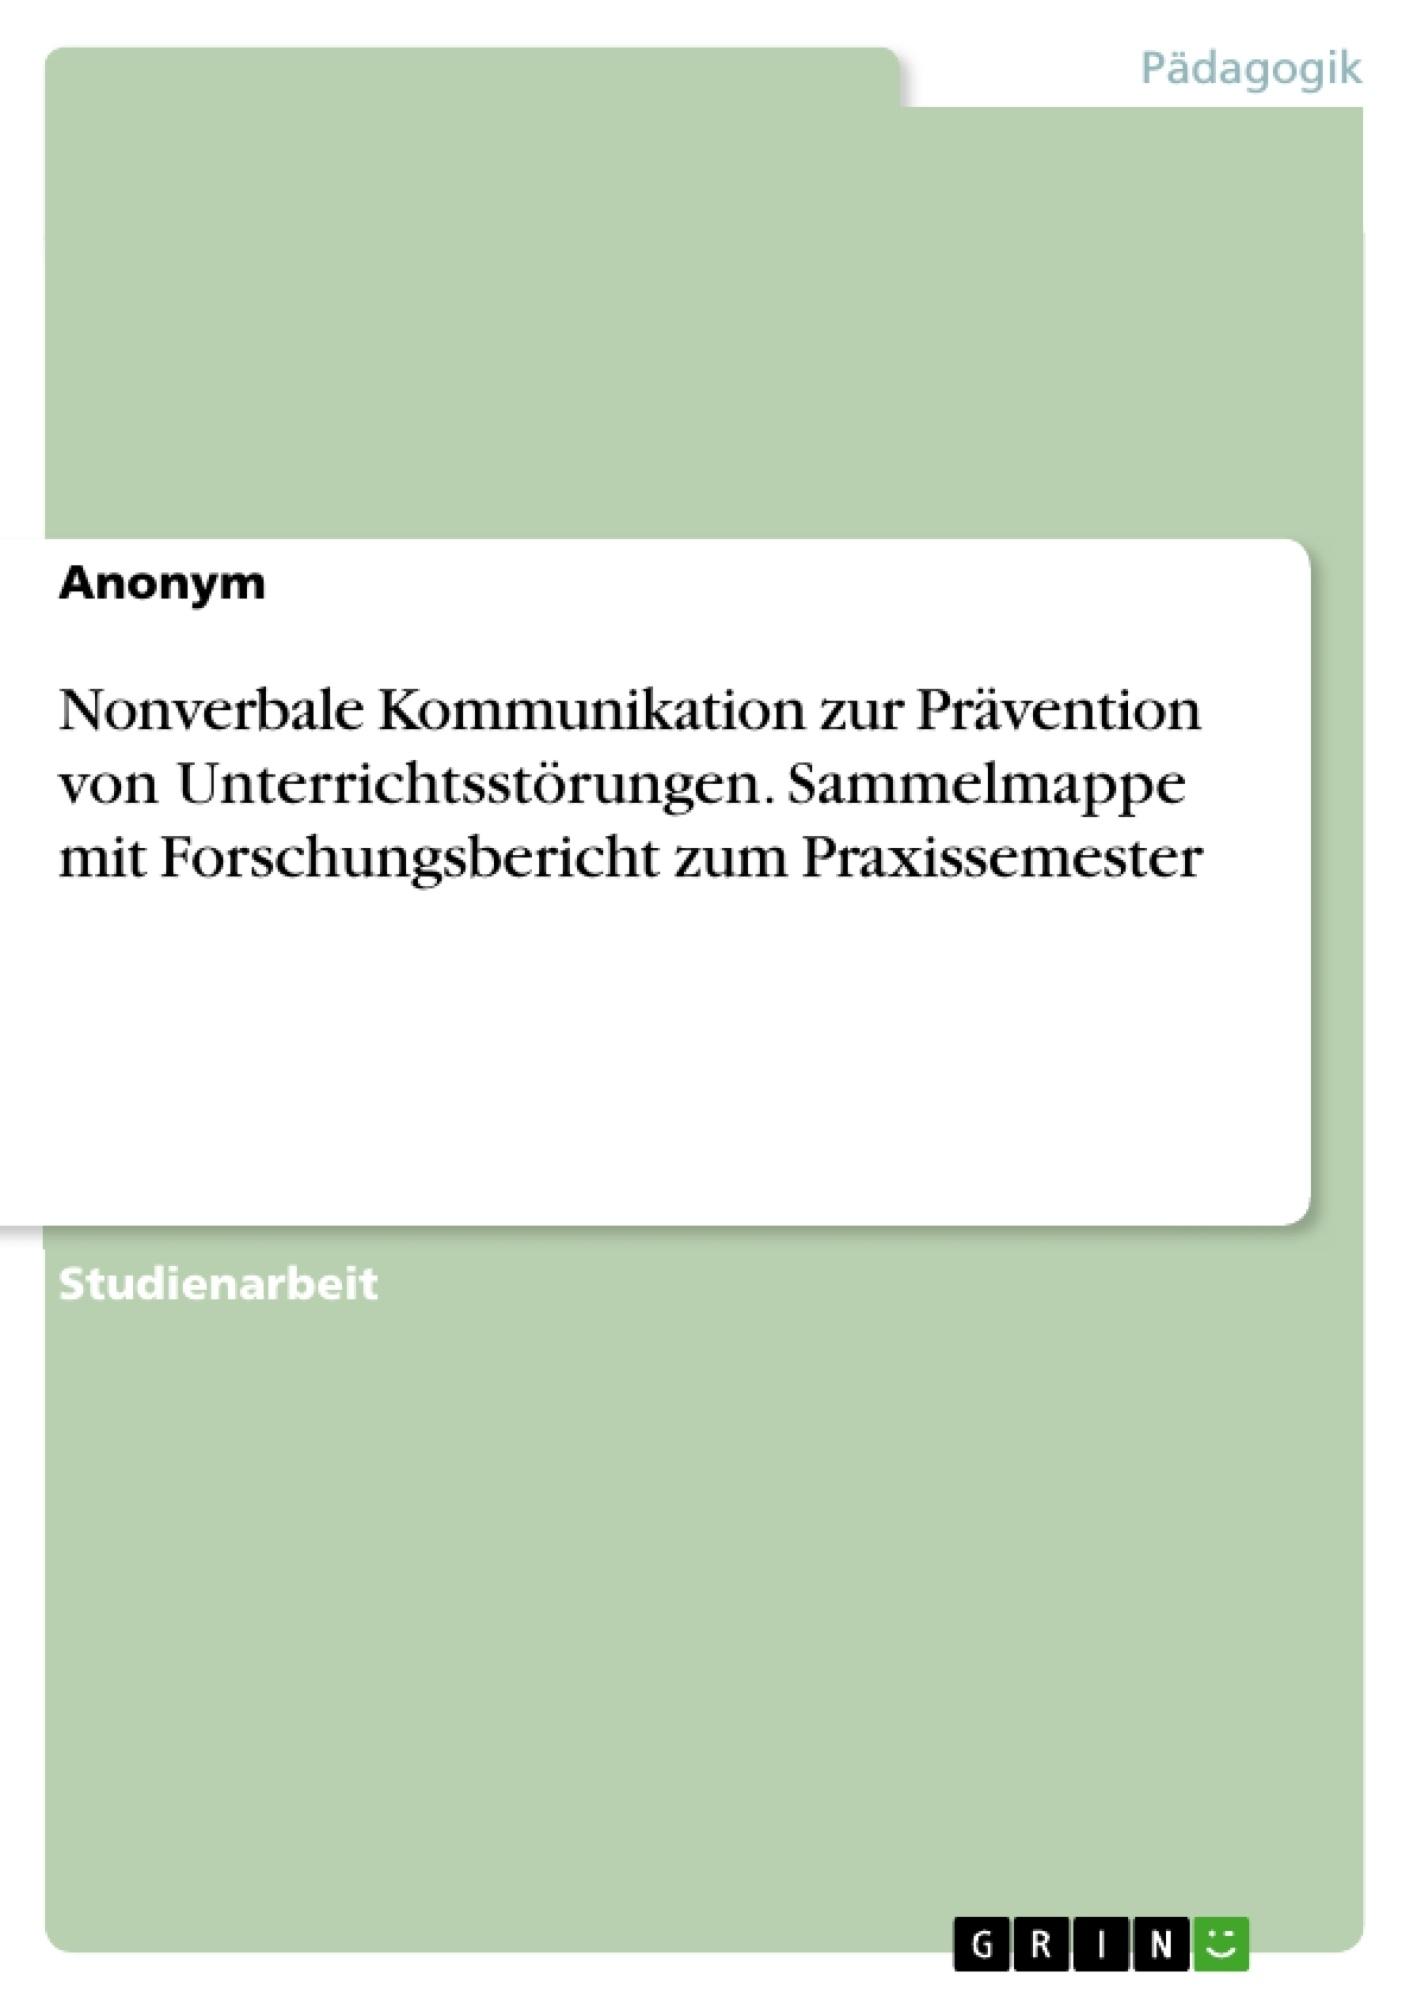 Titel: Nonverbale Kommunikation zur Prävention von Unterrichtsstörungen. Sammelmappe mit Forschungsbericht zum Praxissemester